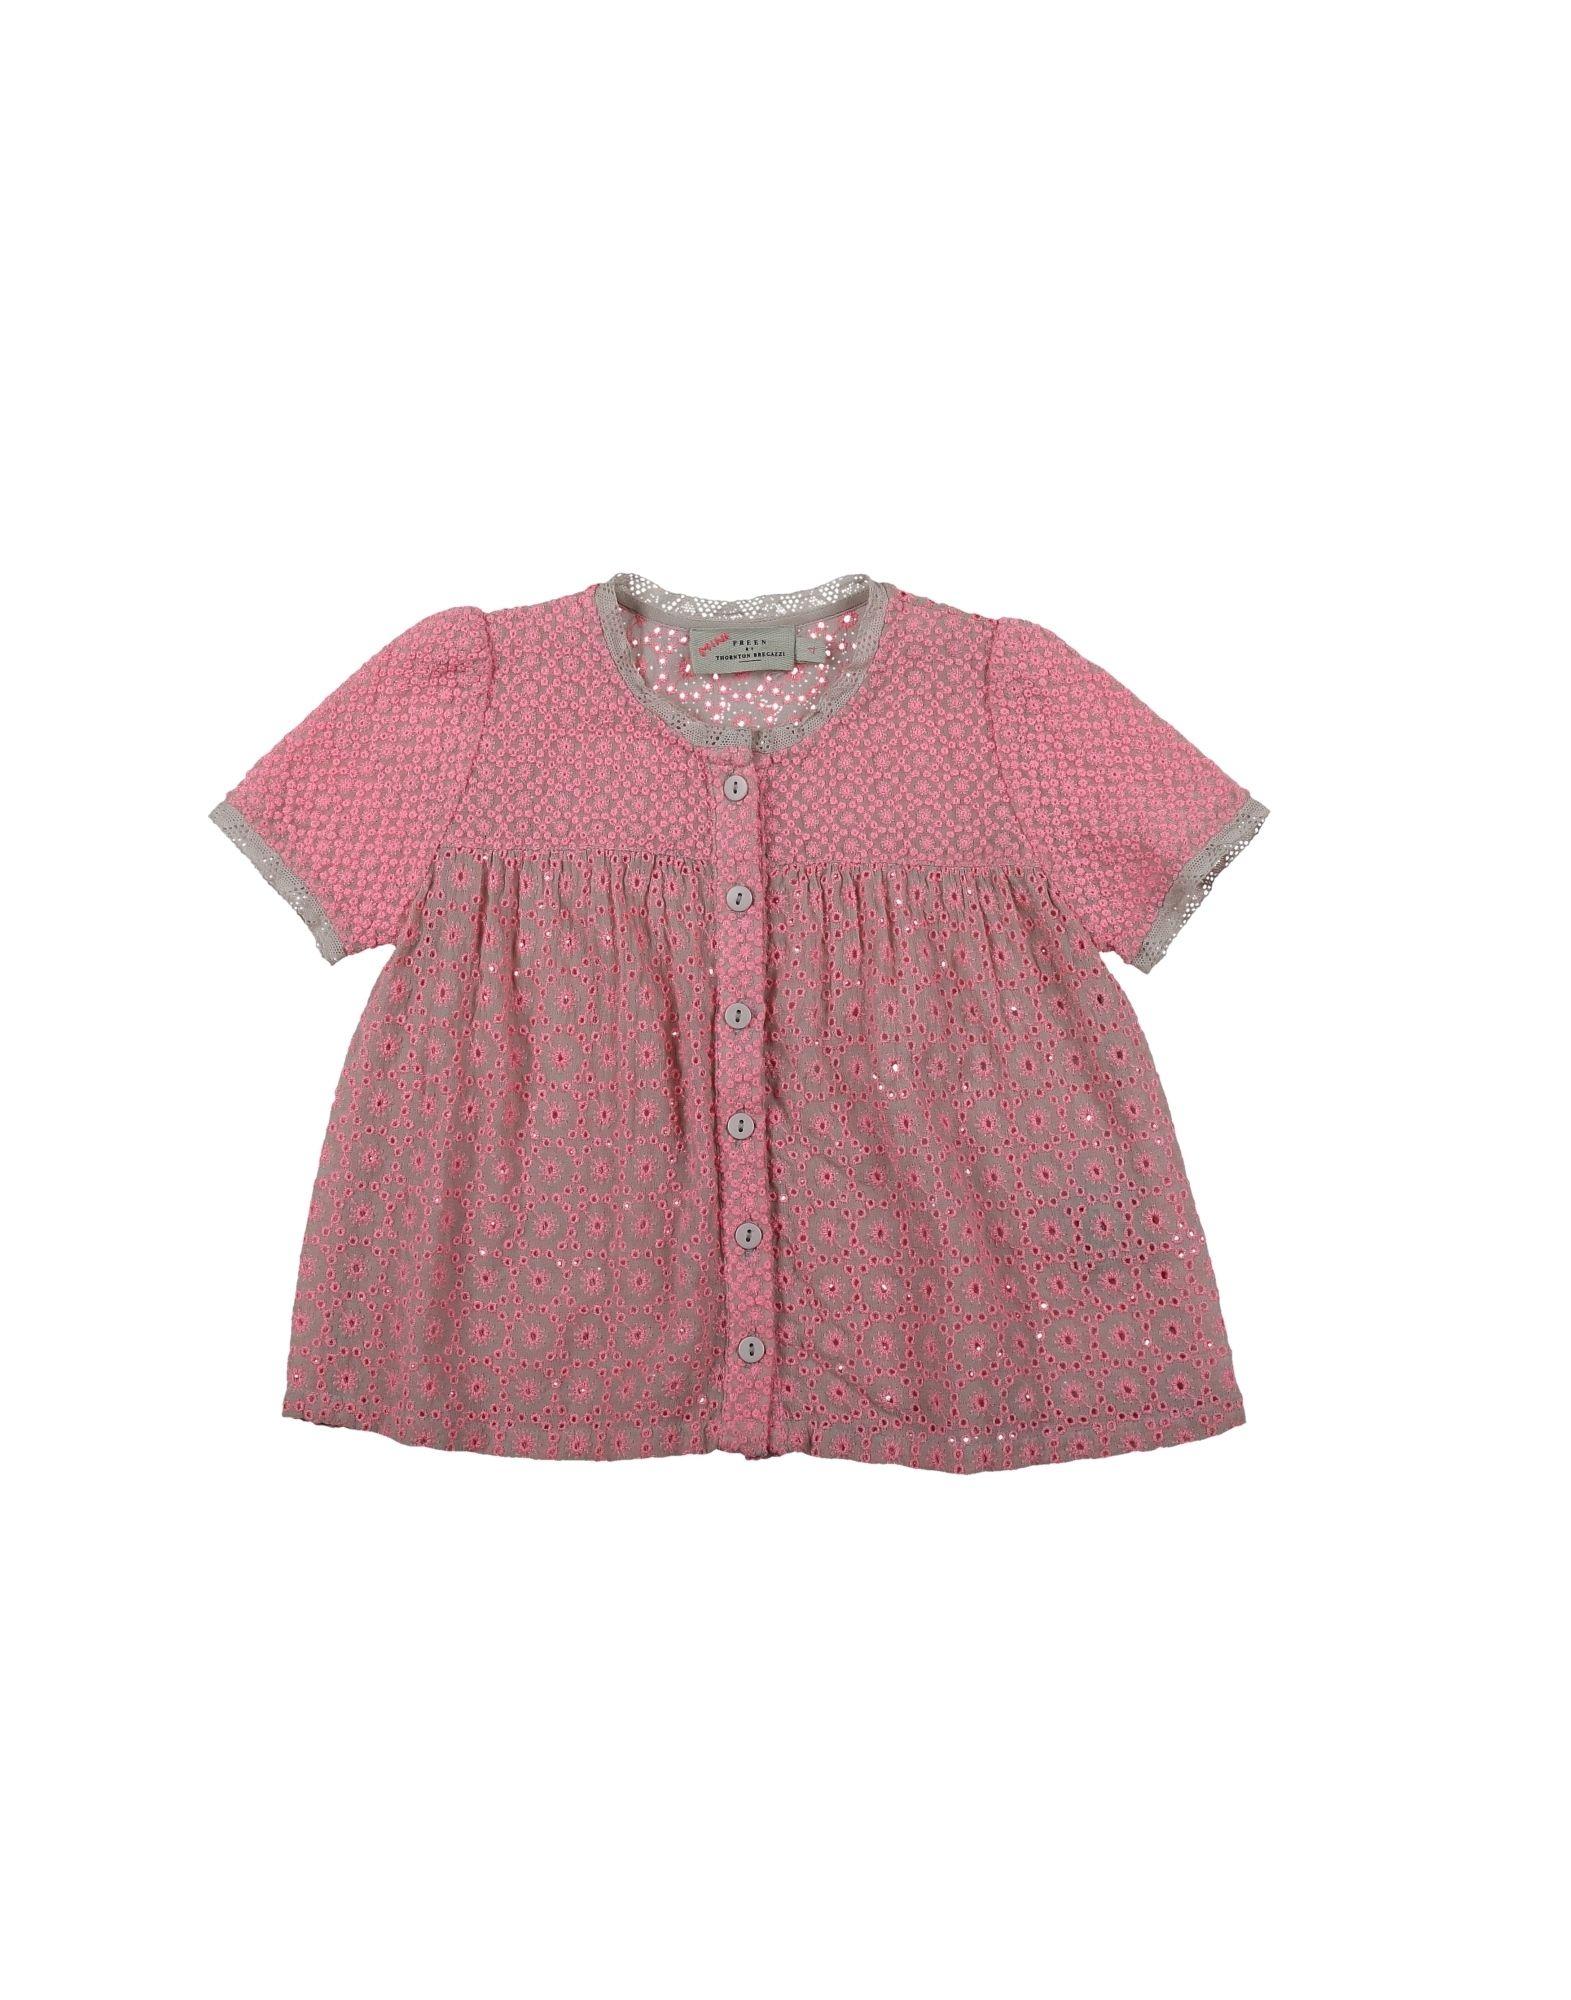 PREEN by THORNTON BREGAZZI Mädchen 3-8 jahre Hemd Farbe Rosa Größe 4